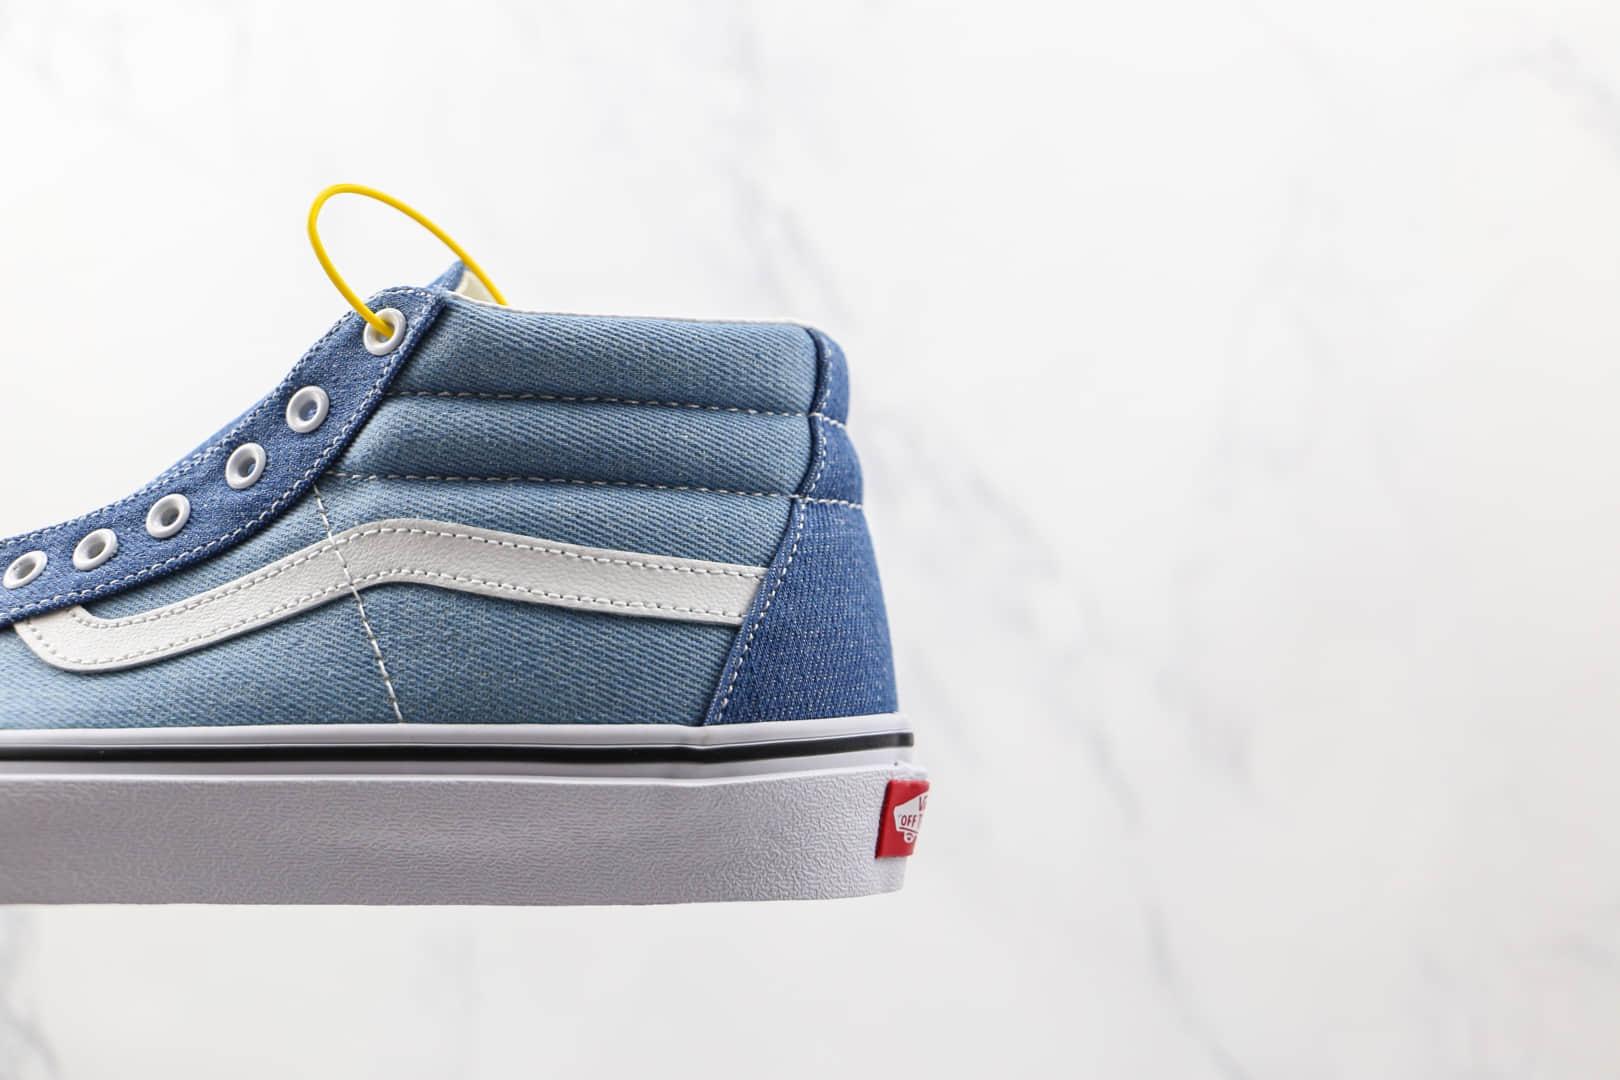 万斯VANS SK8-MID公司级版本中帮水冰月蓝色硫化帆布鞋原鞋开模一比一打造 货号:VN0A3MV8Q69